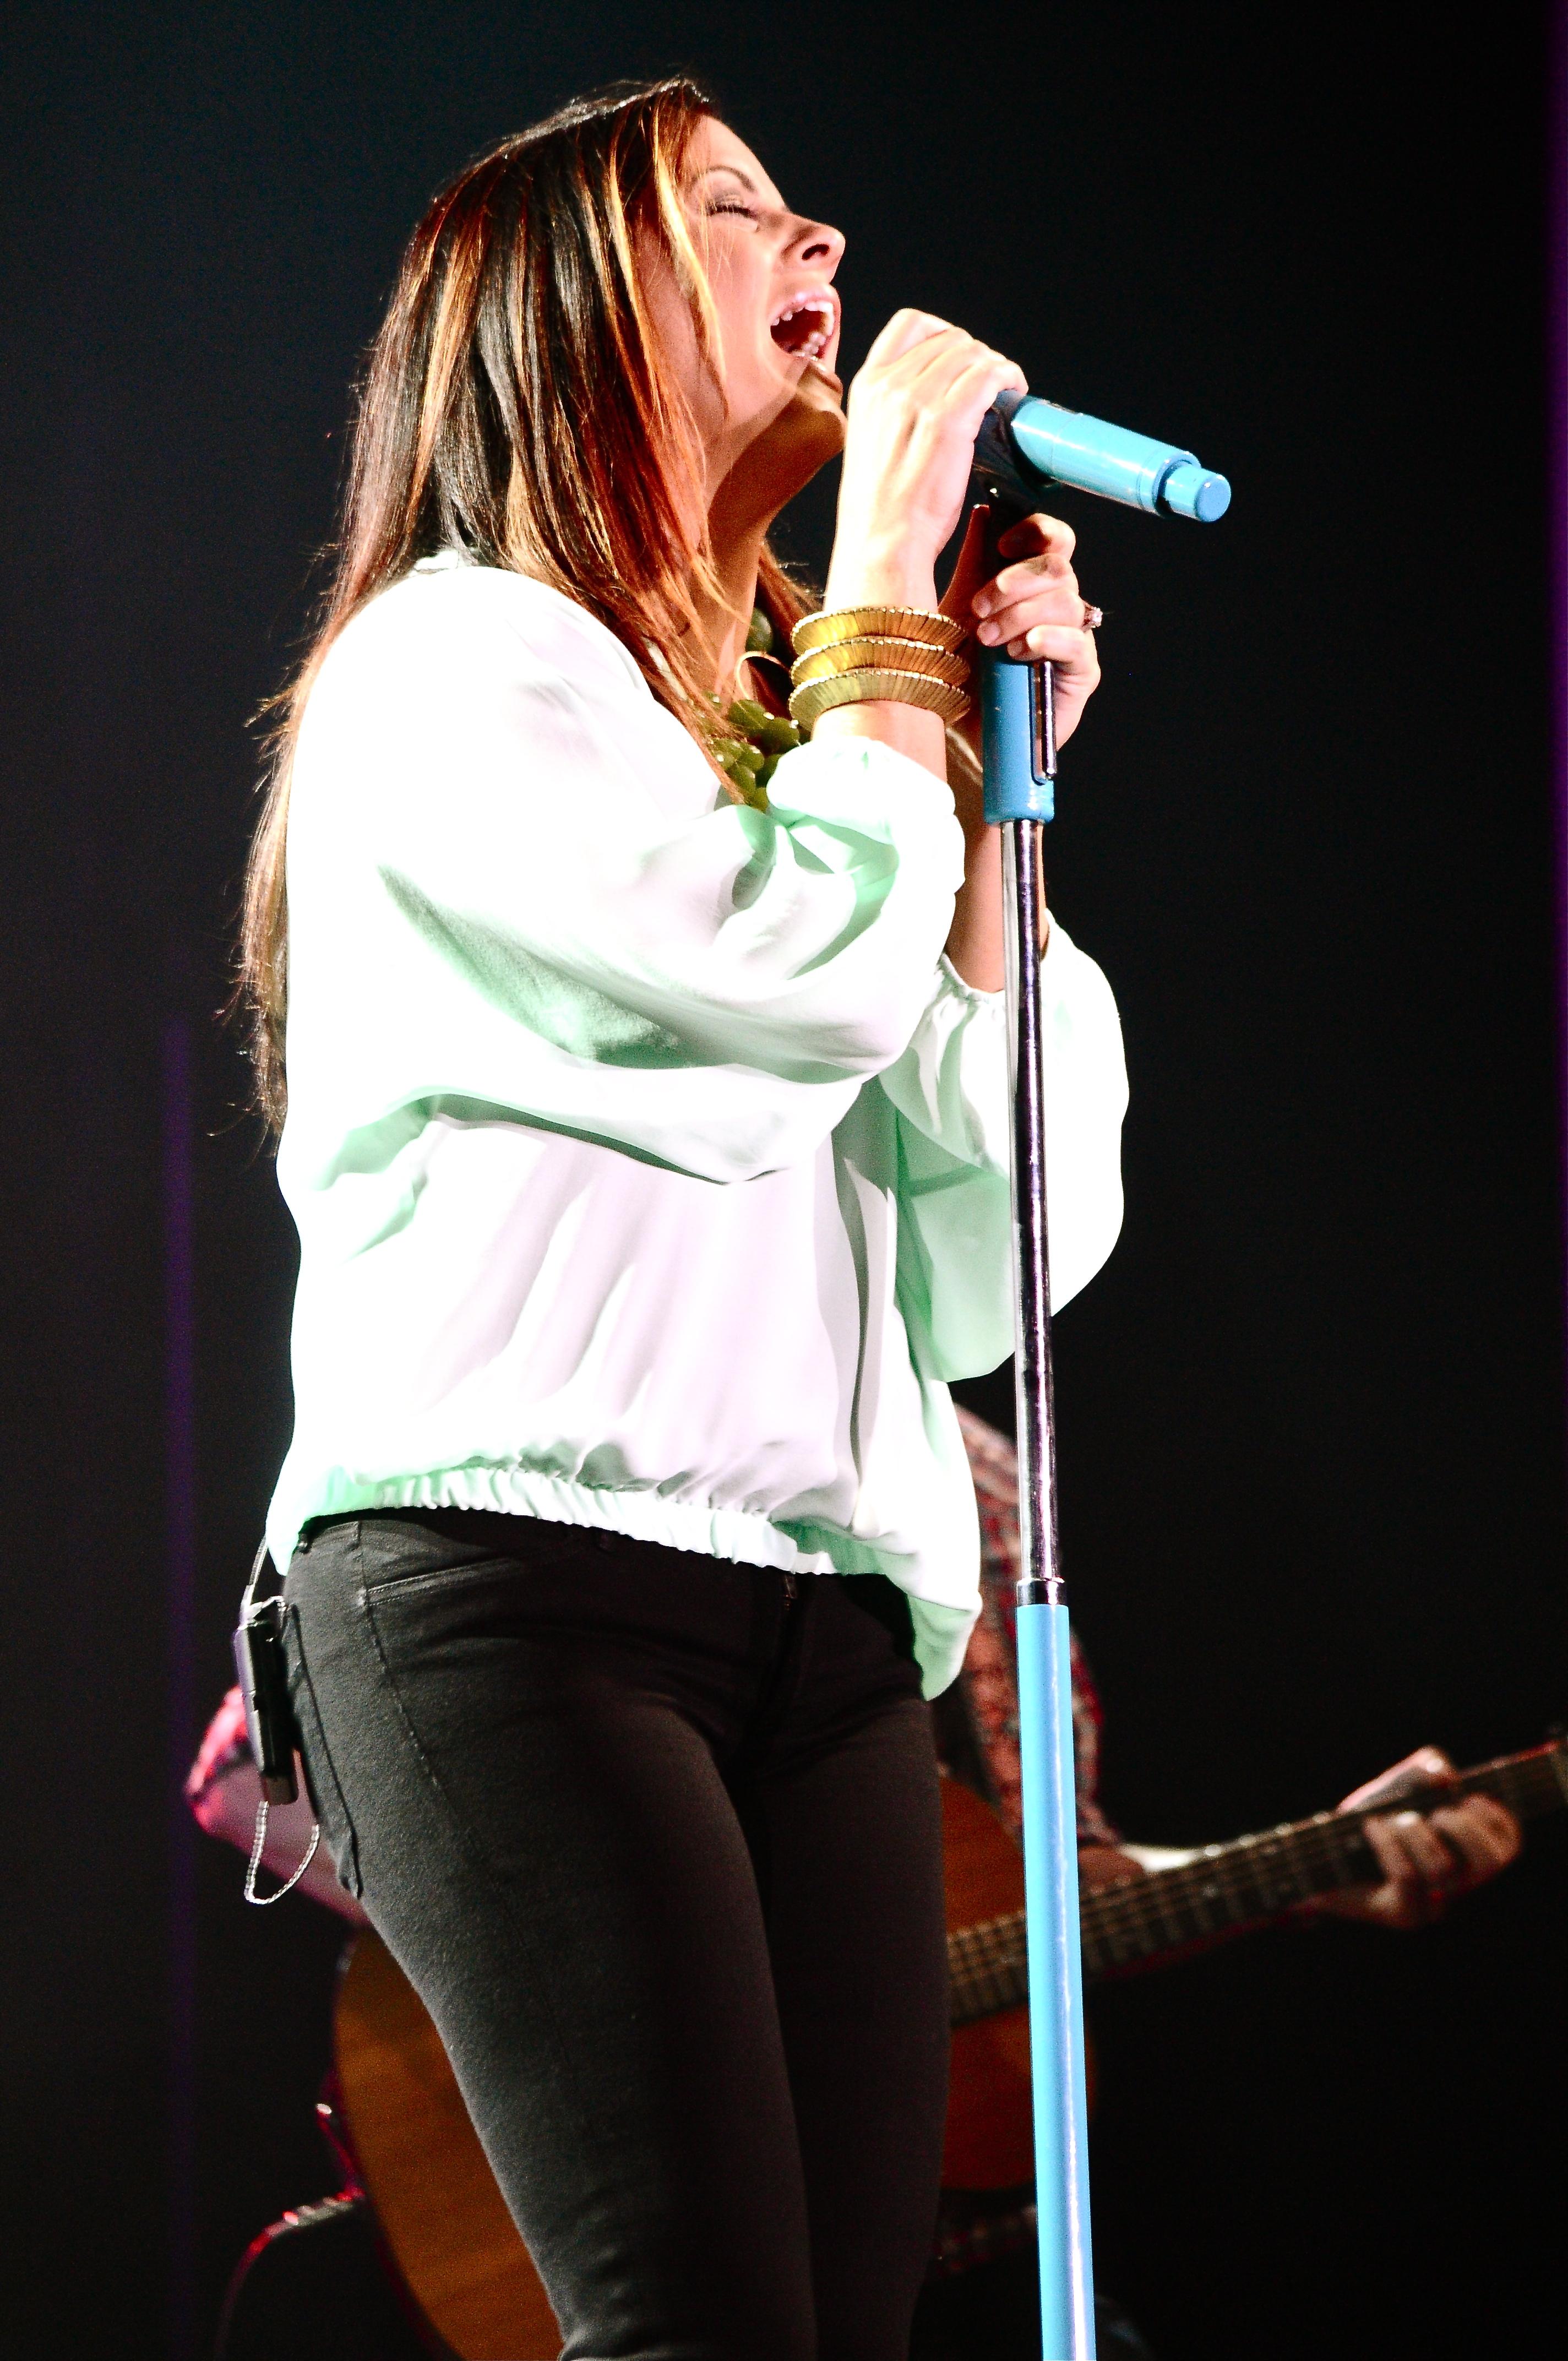 A LITTLE BIT STRONGER Lyrics - SARA EVANS - eLyrics.net